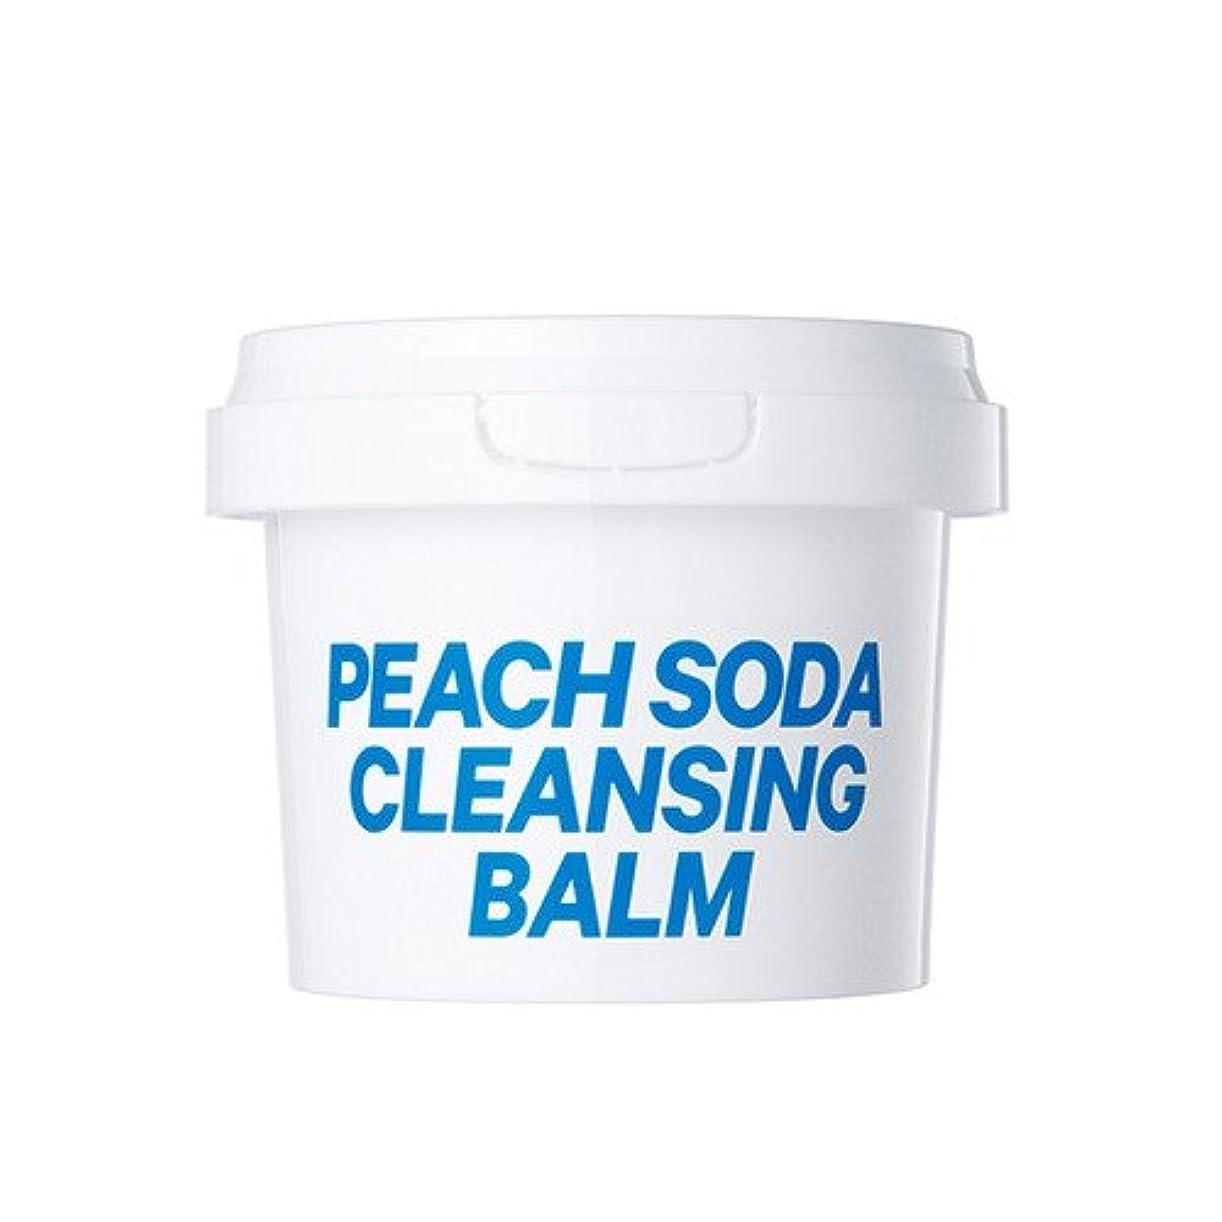 質量タイル社会主義16brand Sixteen Peach Soda Cleansing Balm 110g/16ブランド シックスティーン ピーチ ソーダ クレンジング バーム 110g [並行輸入品]